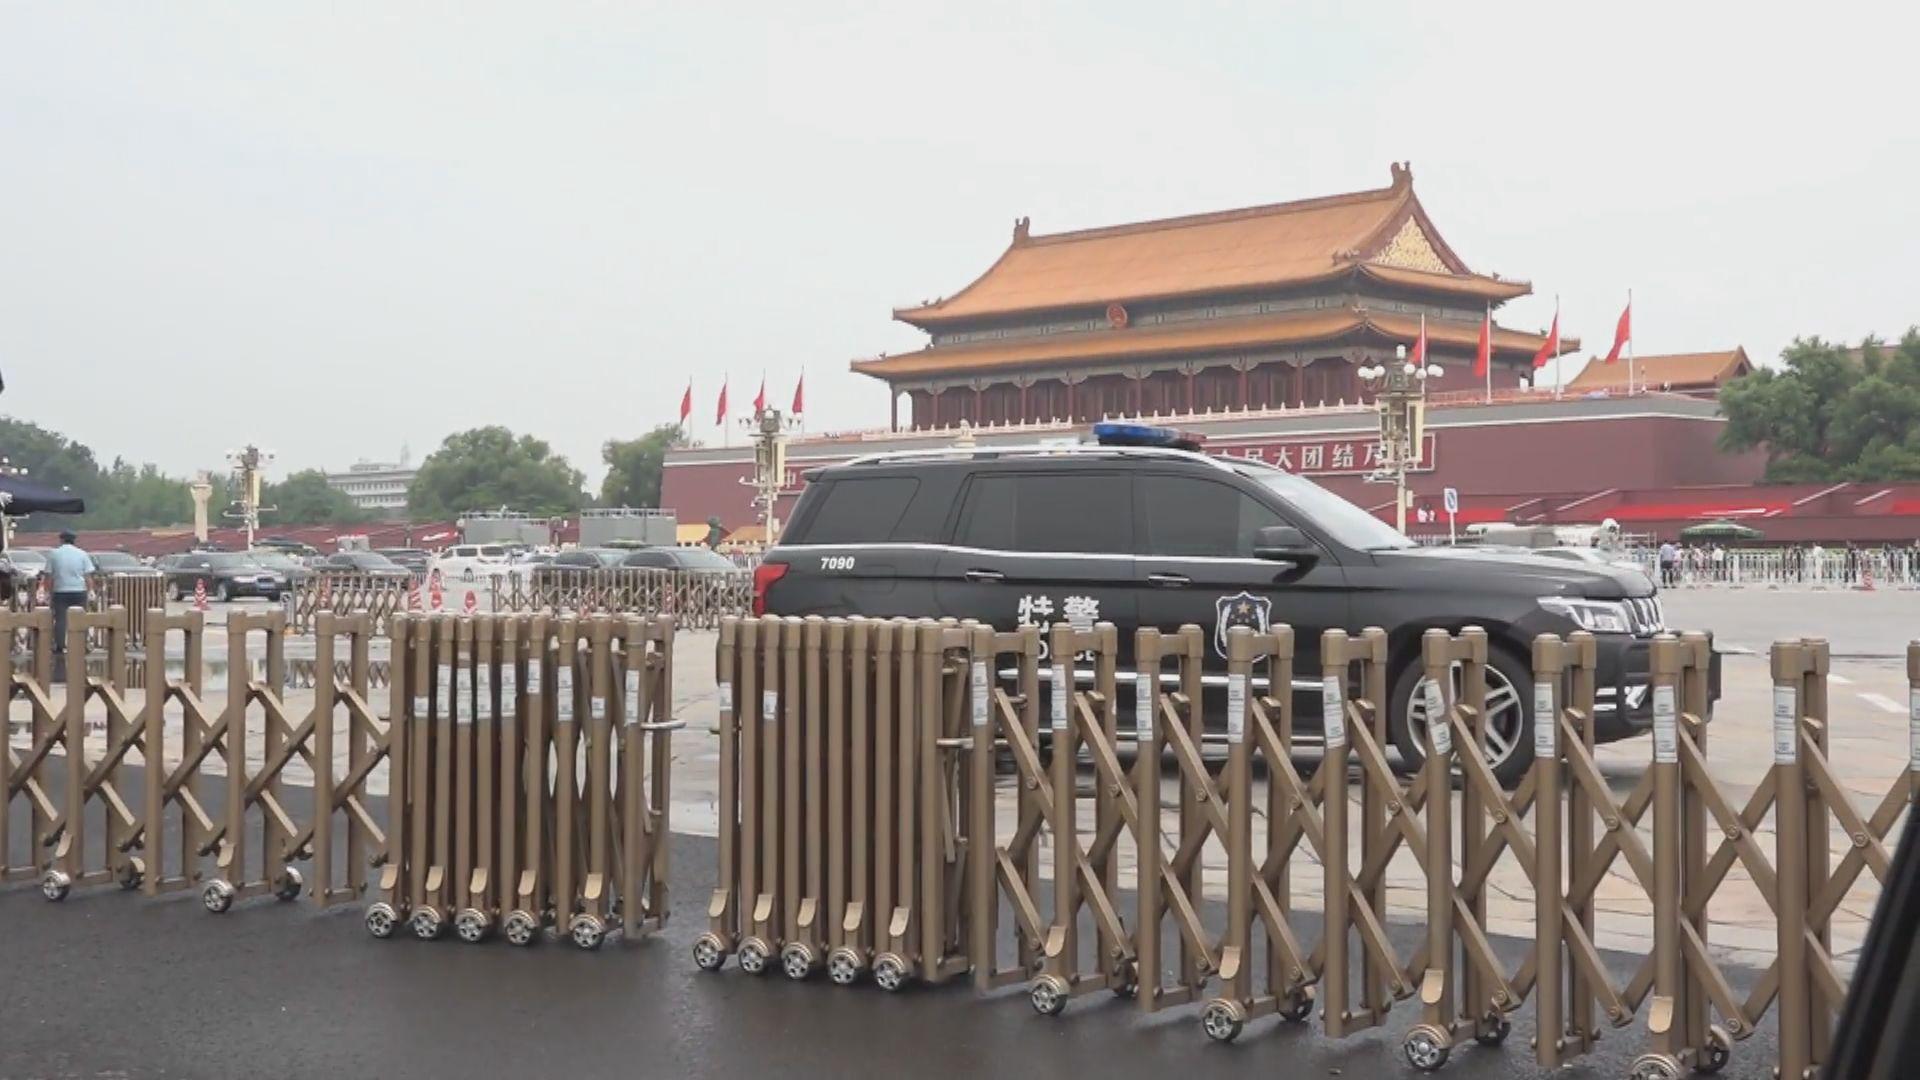 中共建黨百年慶祝大會搭建施工 天安門廣場暫停開放